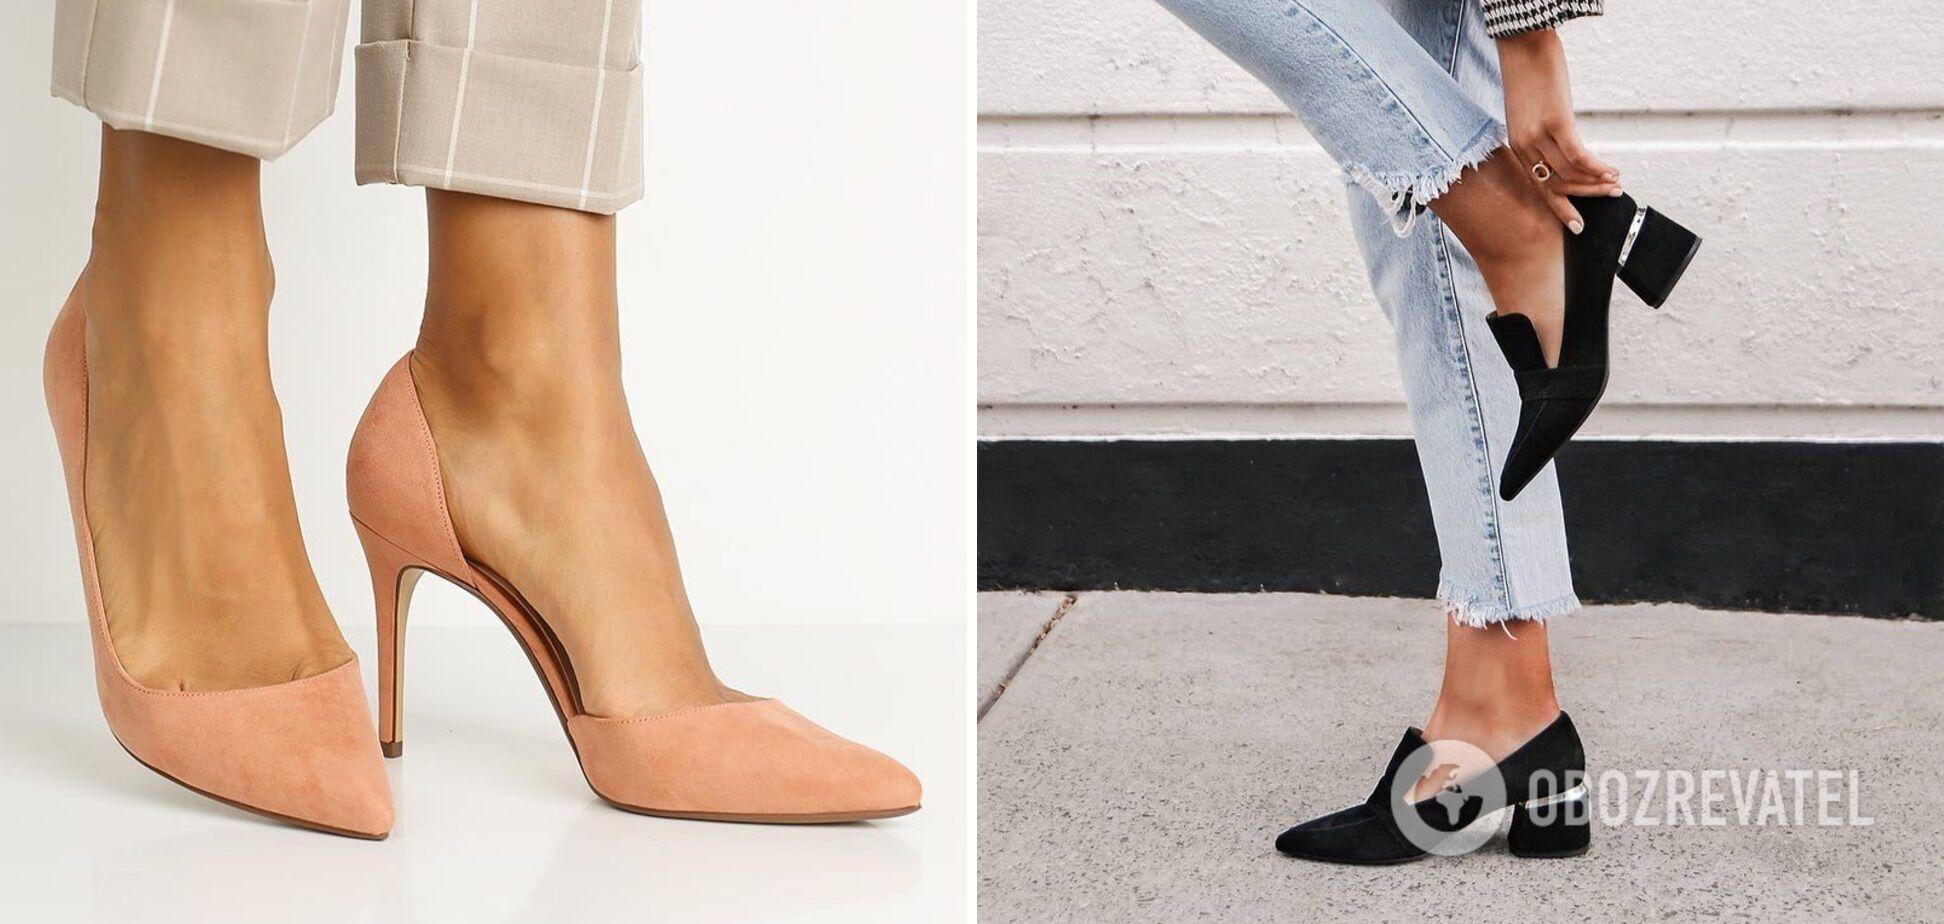 Остроносые туфли покорят любую модницу